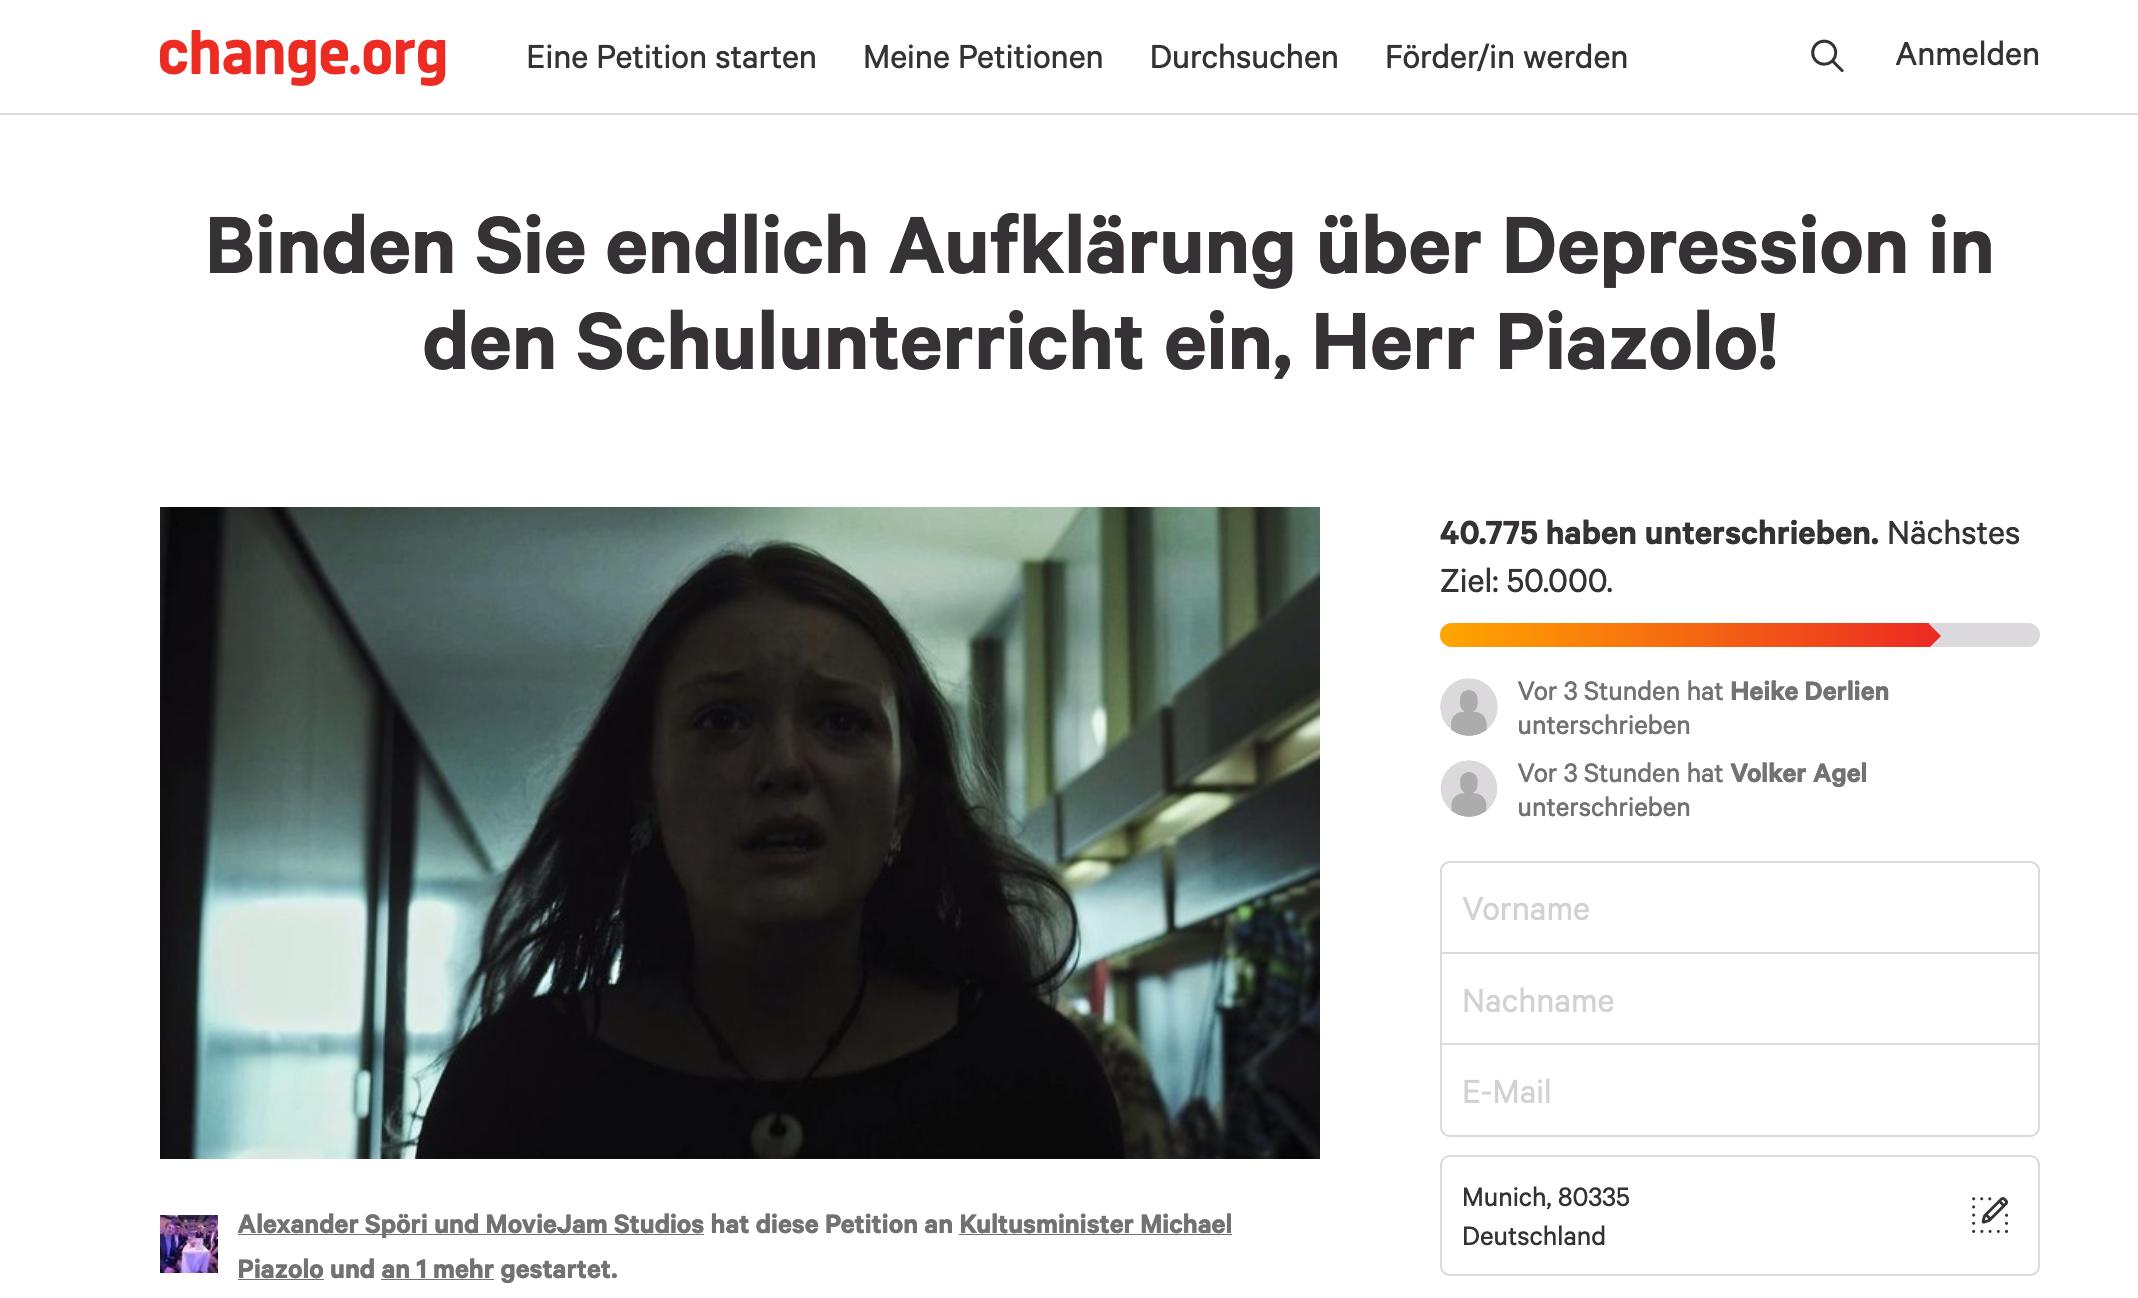 Screenshot der Petition auf der Webseite change.org